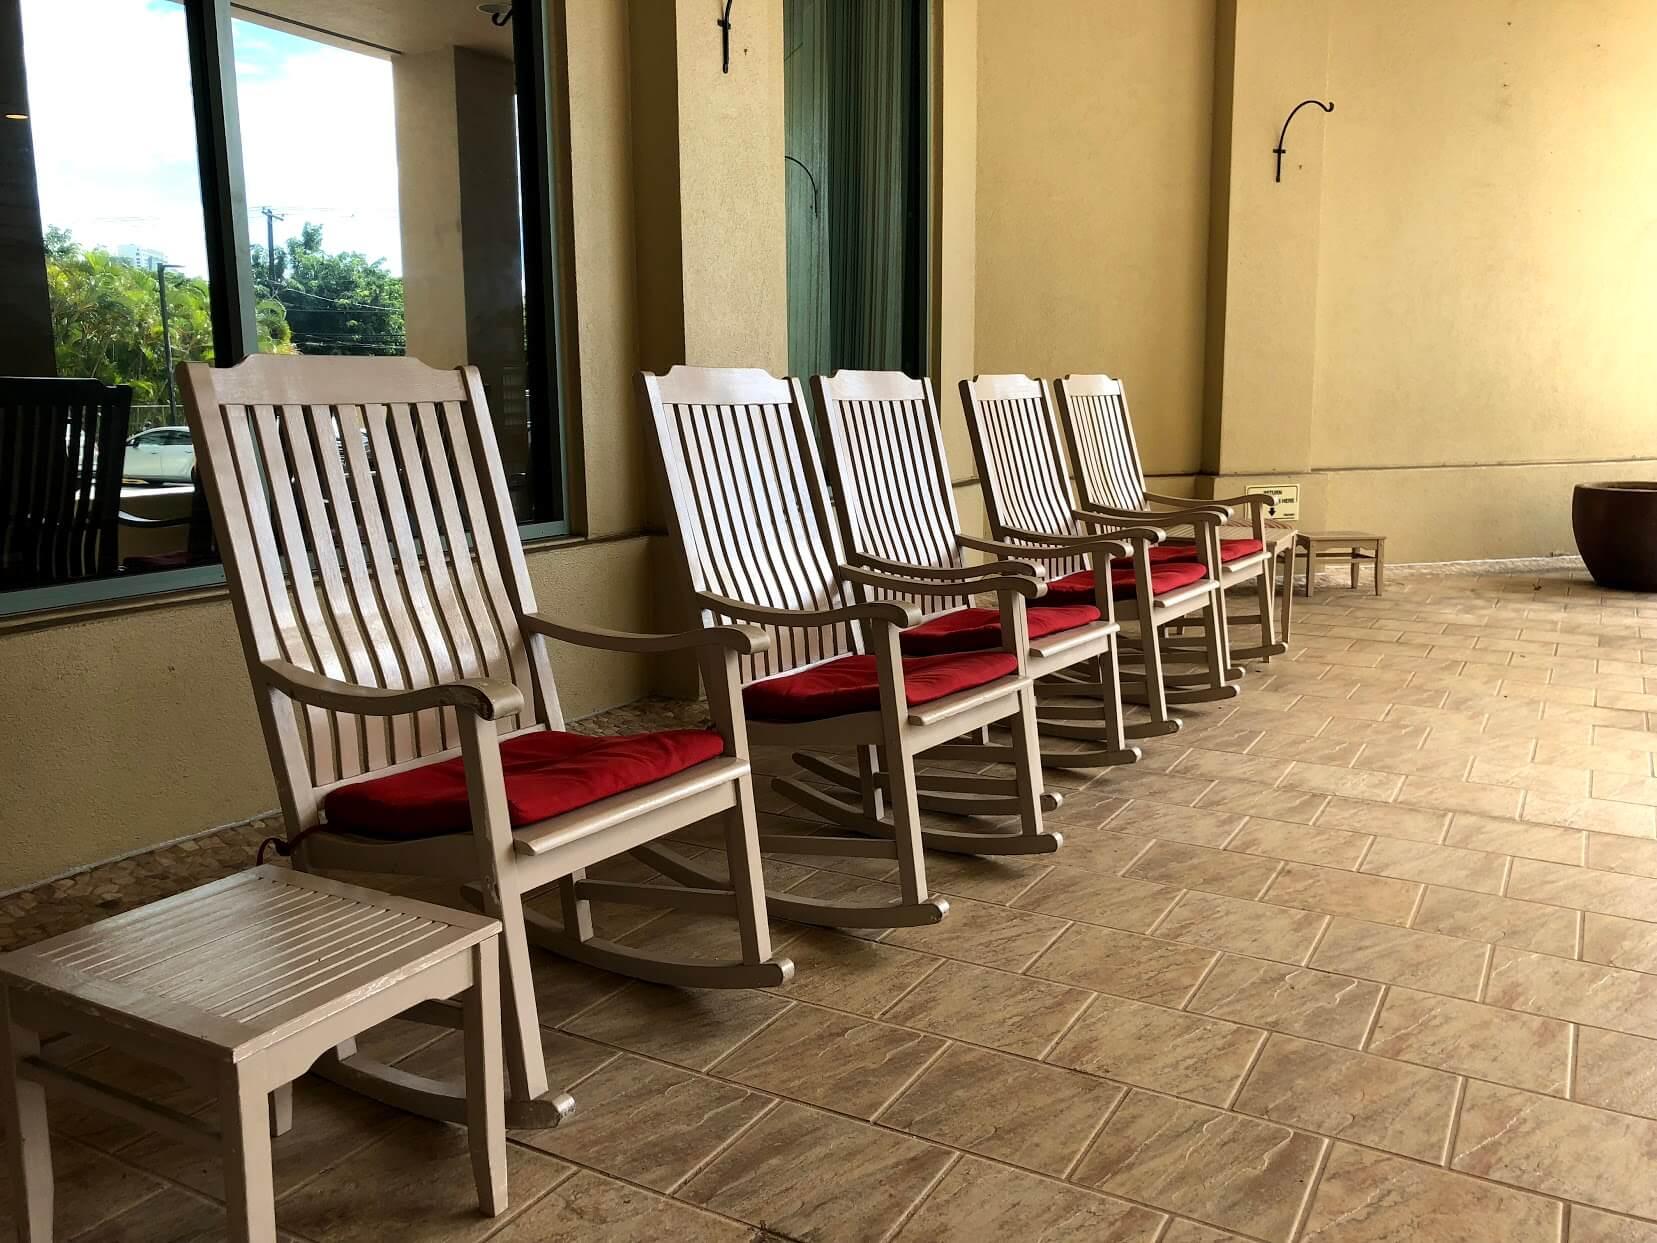 One Kalakauaの椅子